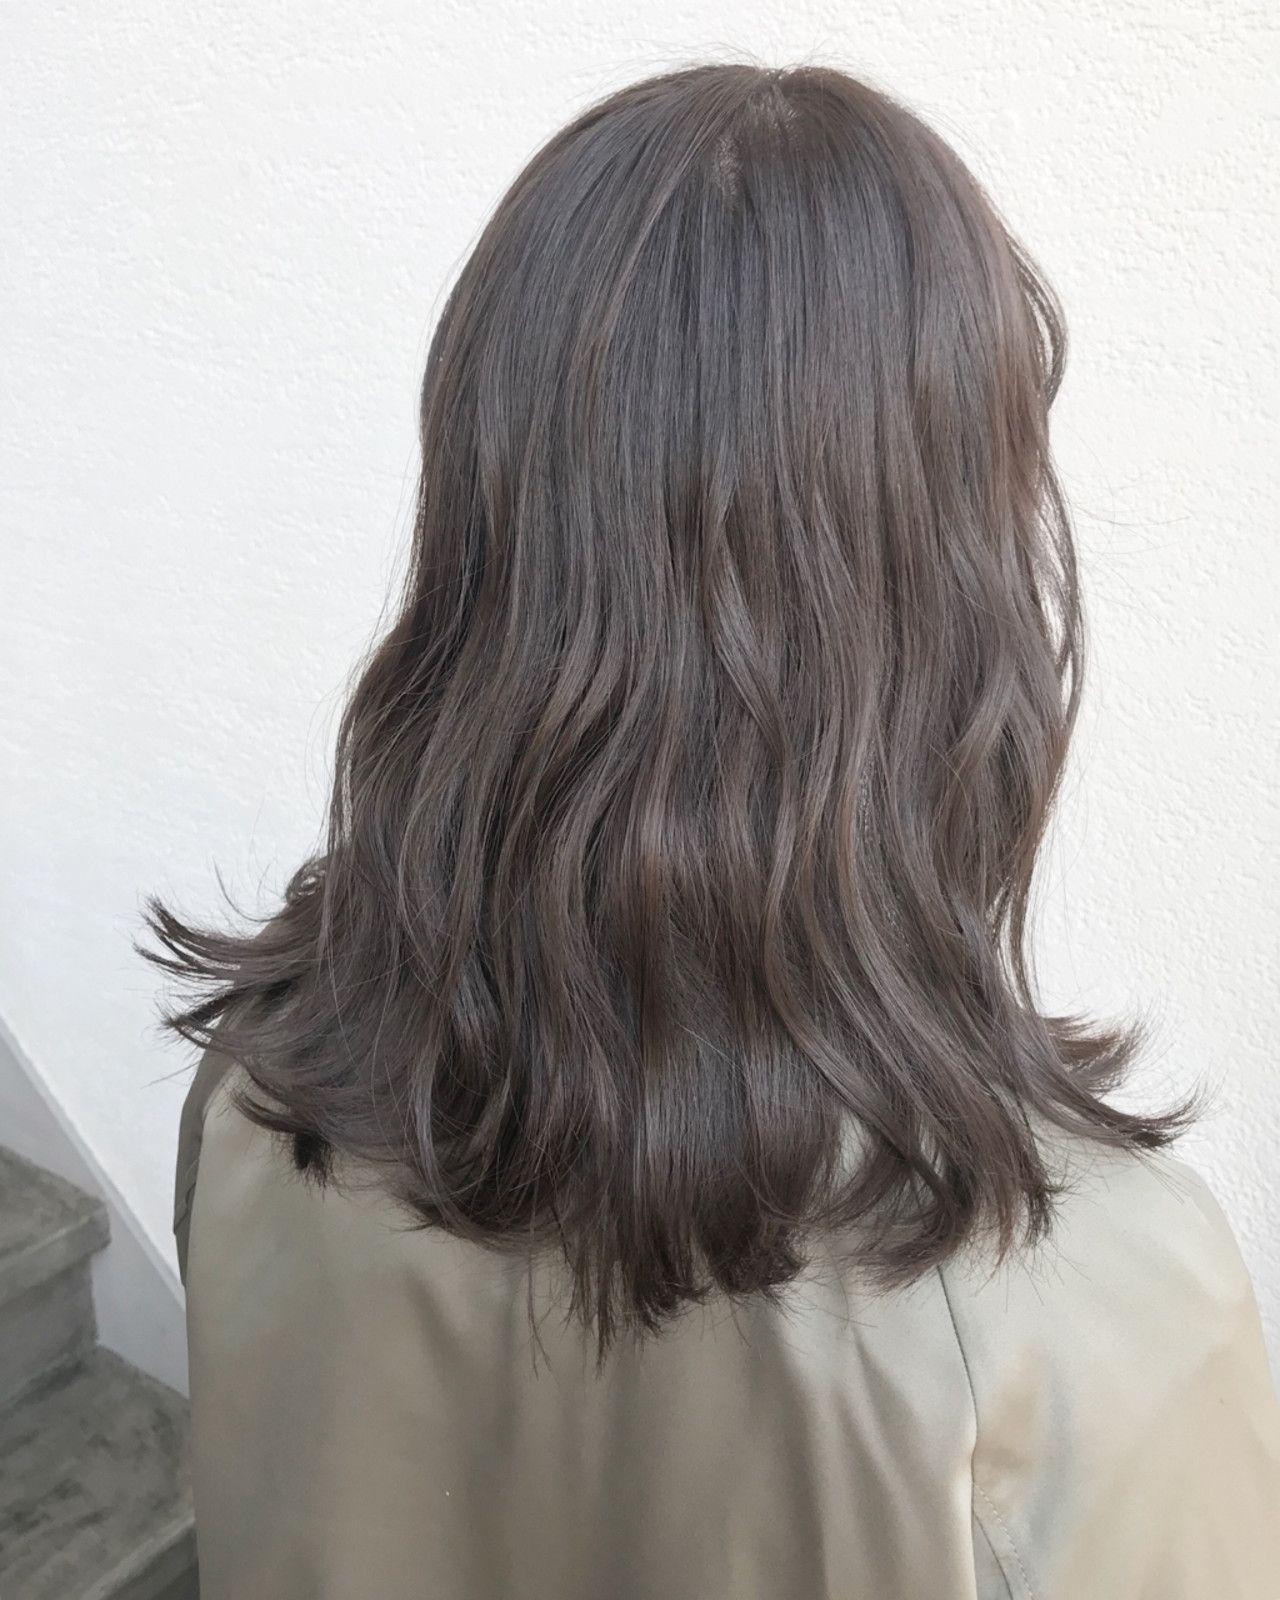 学校 セミロング イルミナカラー 黒髪 ヘアスタイルや髪型の写真 画像